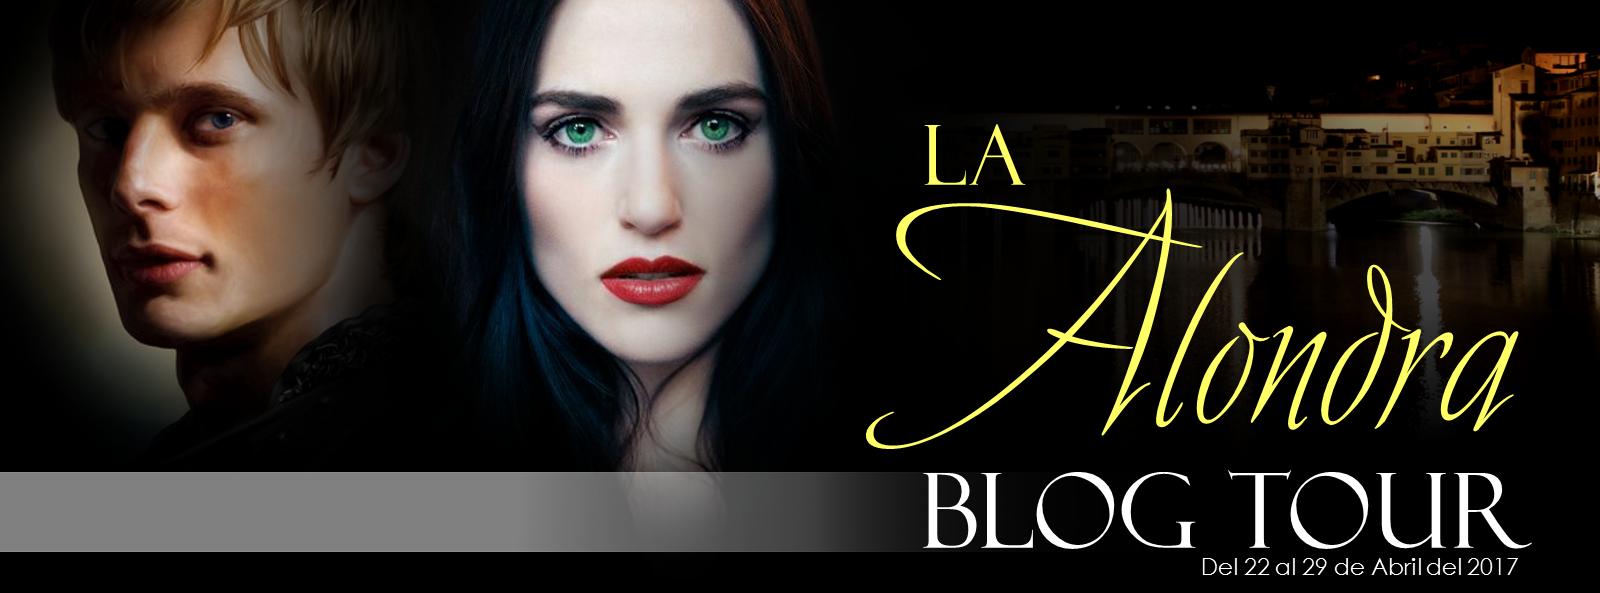 #BookTourLaAlondra